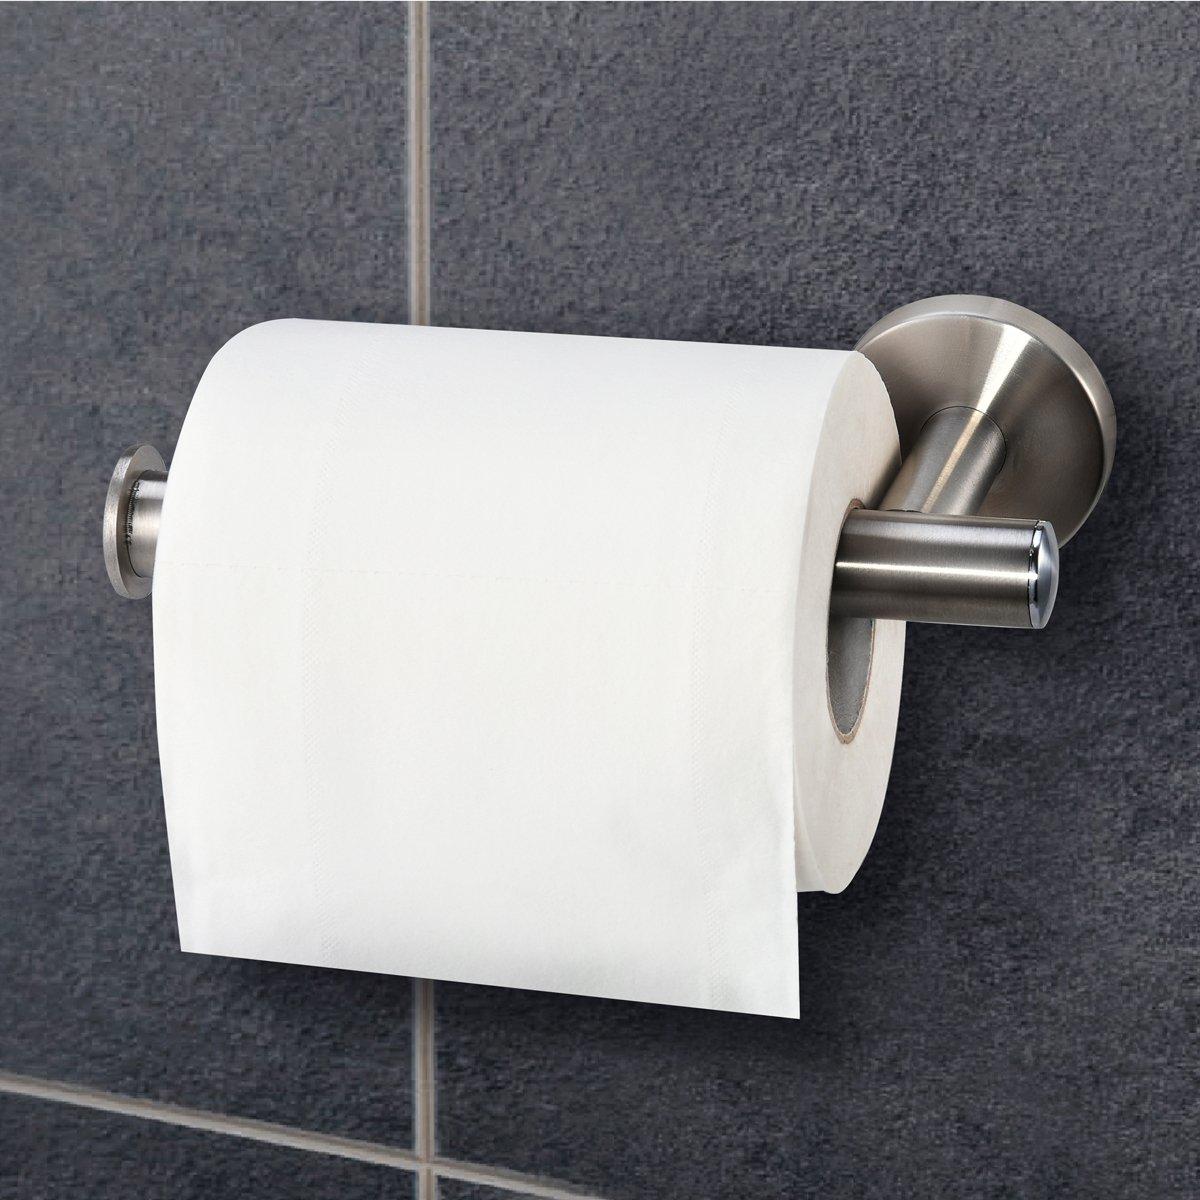 Dailyart Edelstahl Toilettenpapierhalter Klopapierrollenhalter Toilettenpapier Halterung Kleben Ohne Bohren Matte Finish Einfach zu Installieren